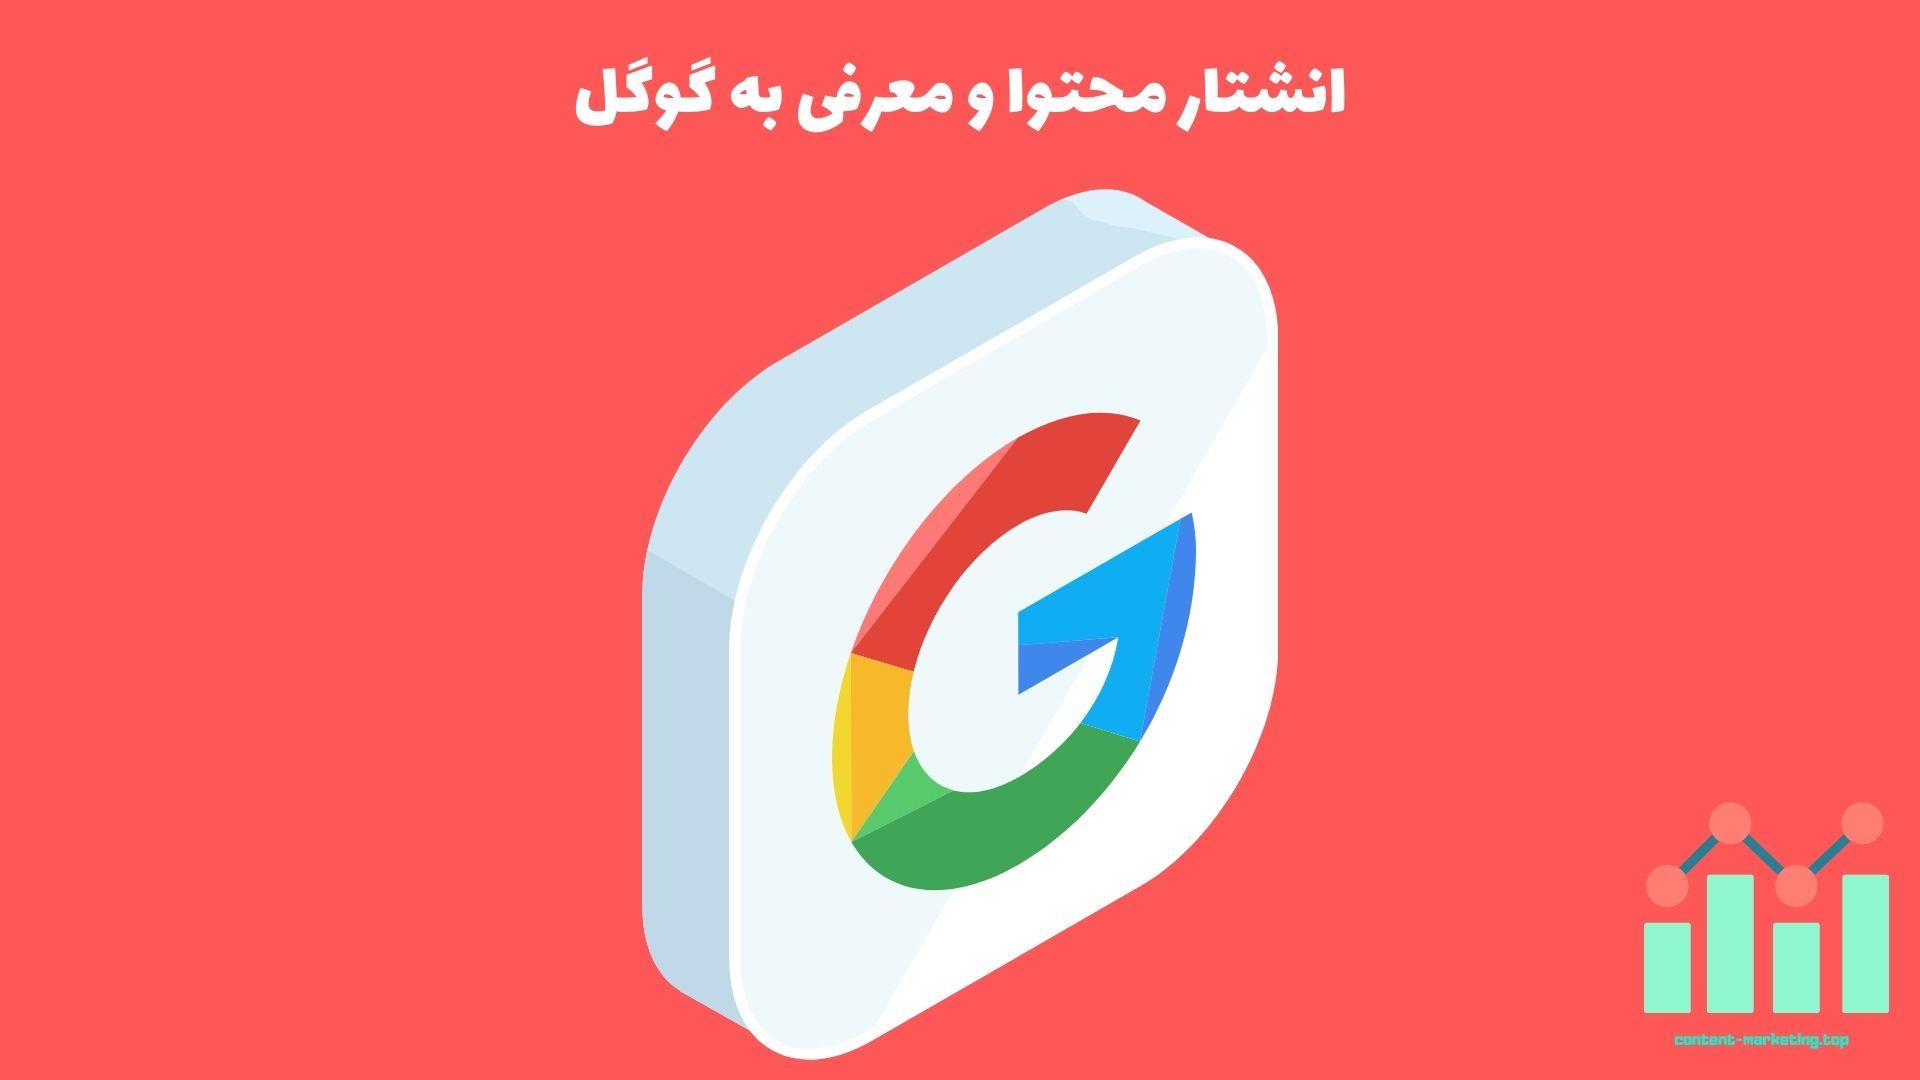 انشتار محتوا و معرفی به گوگل